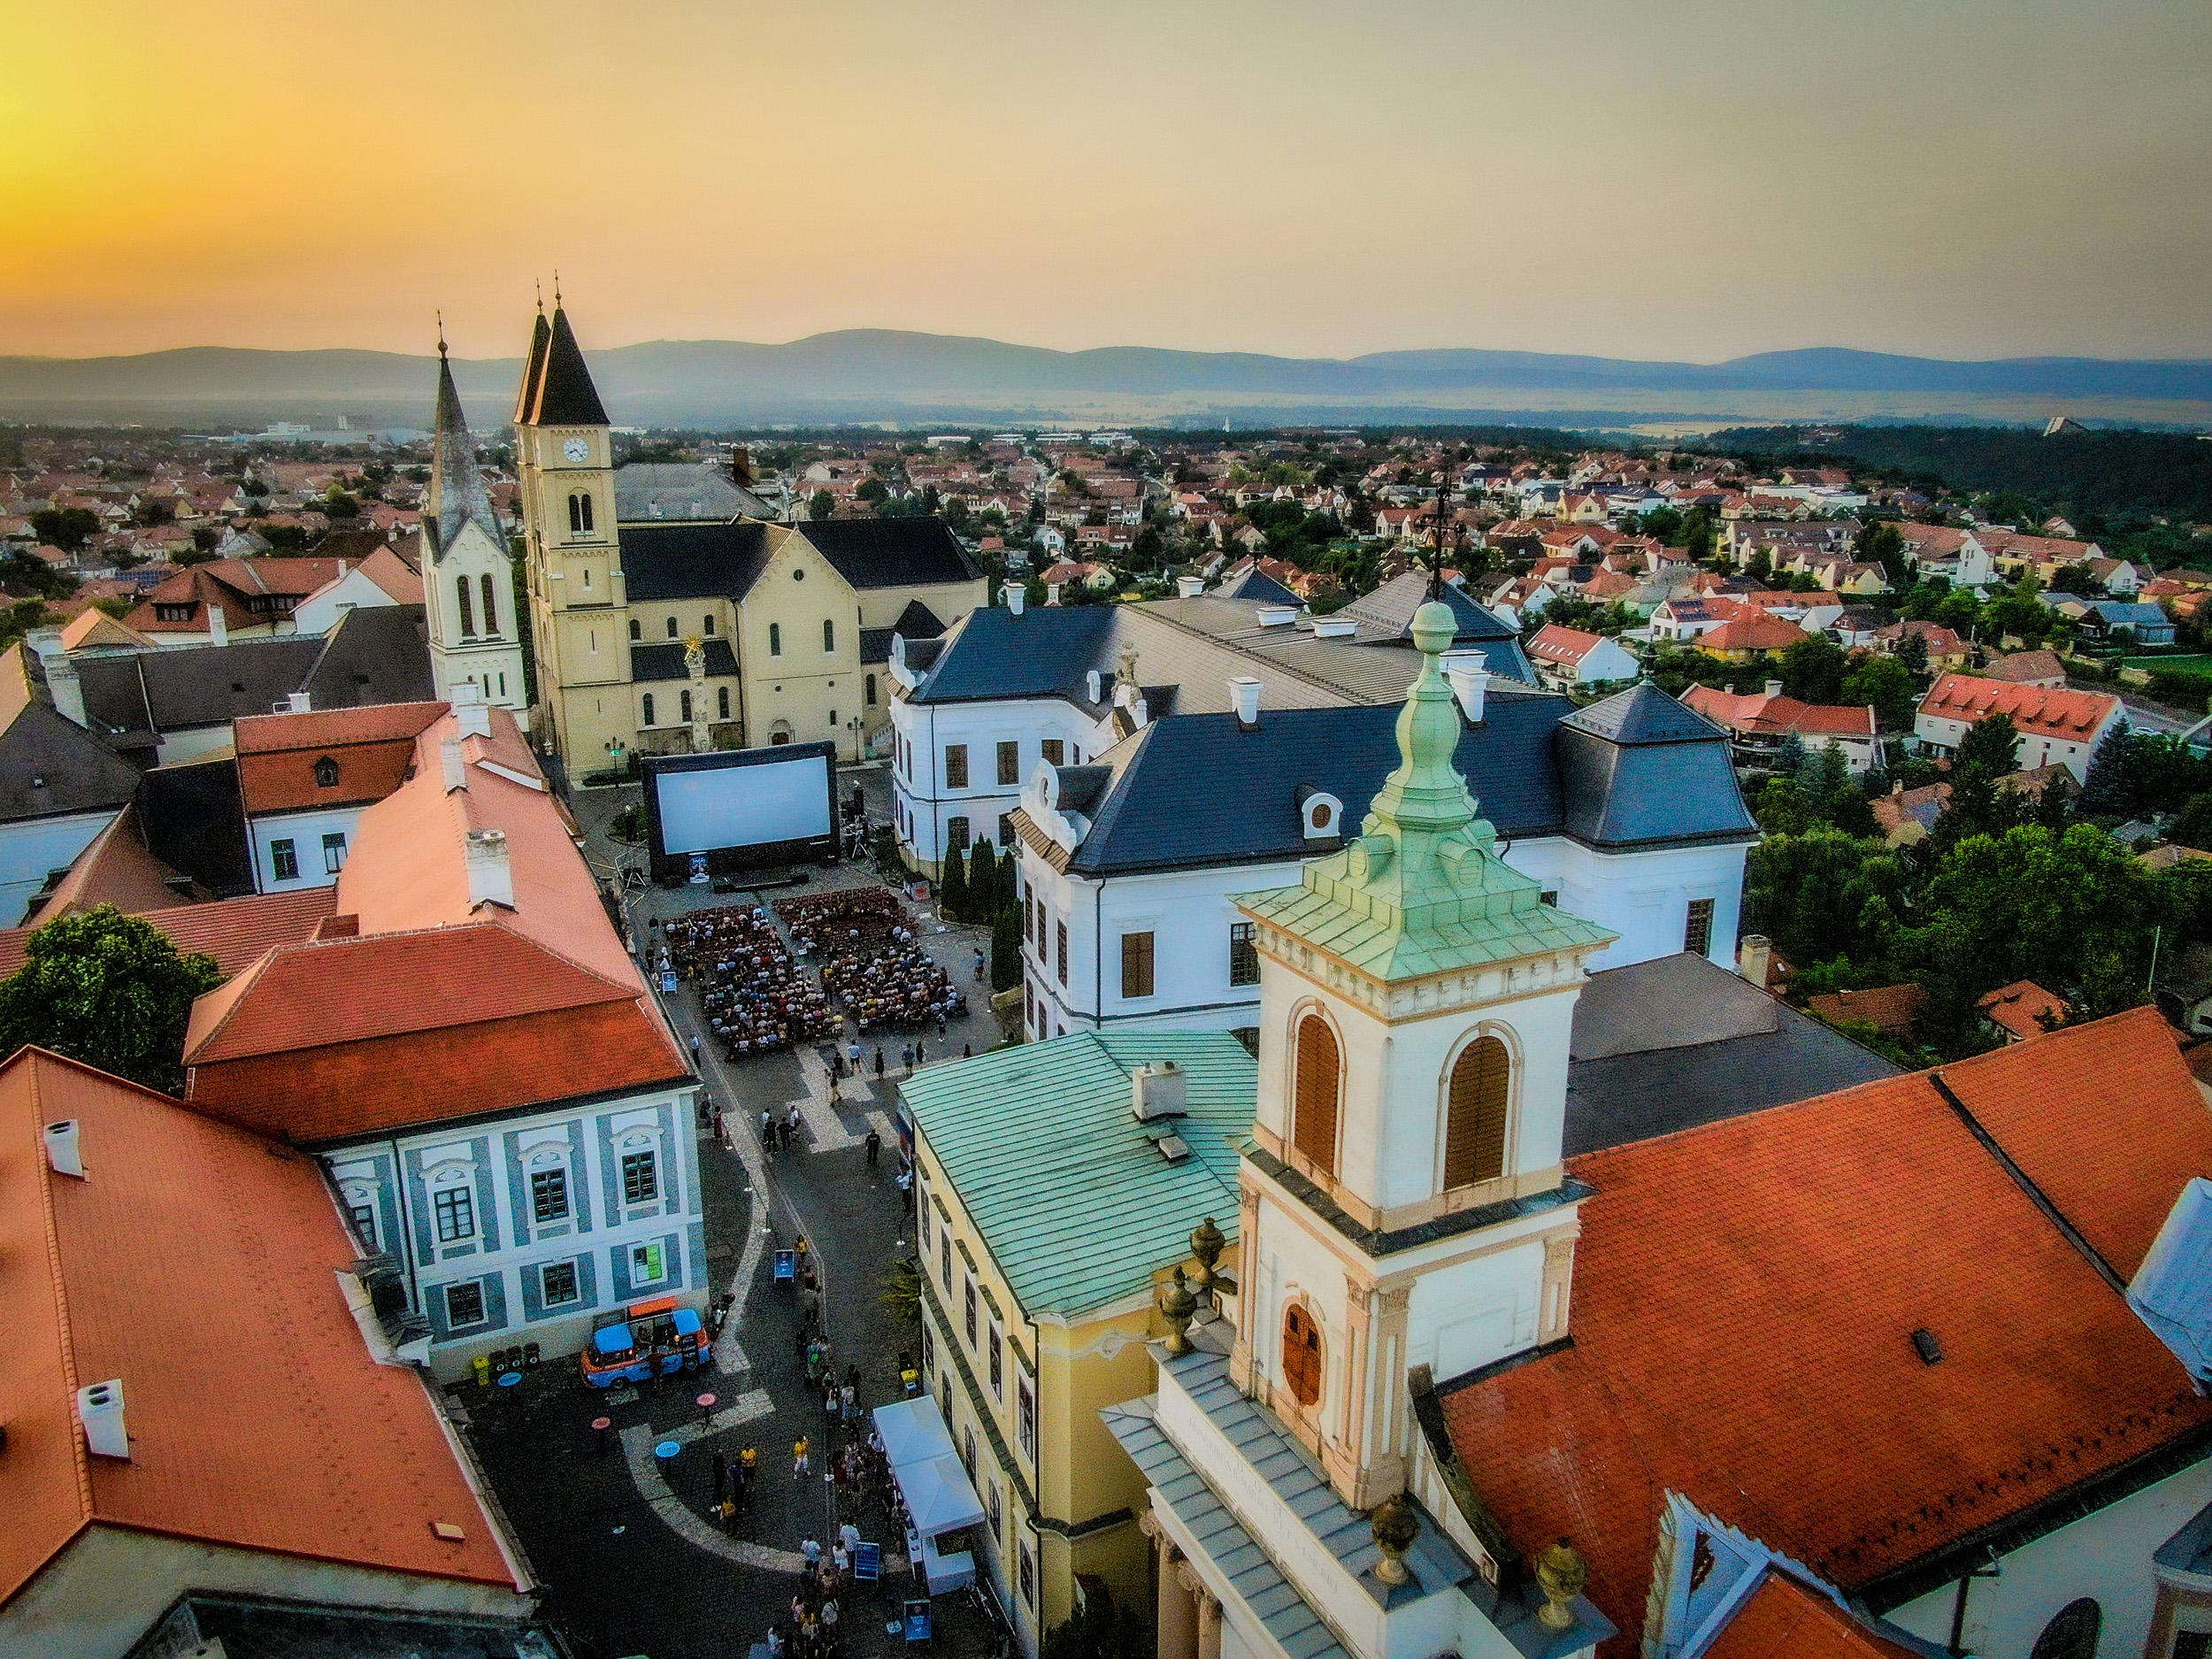 Szabadtéri vetítés a Magyar Mozgókép Fesztiválon Veszprémben (Fotó: EKF)